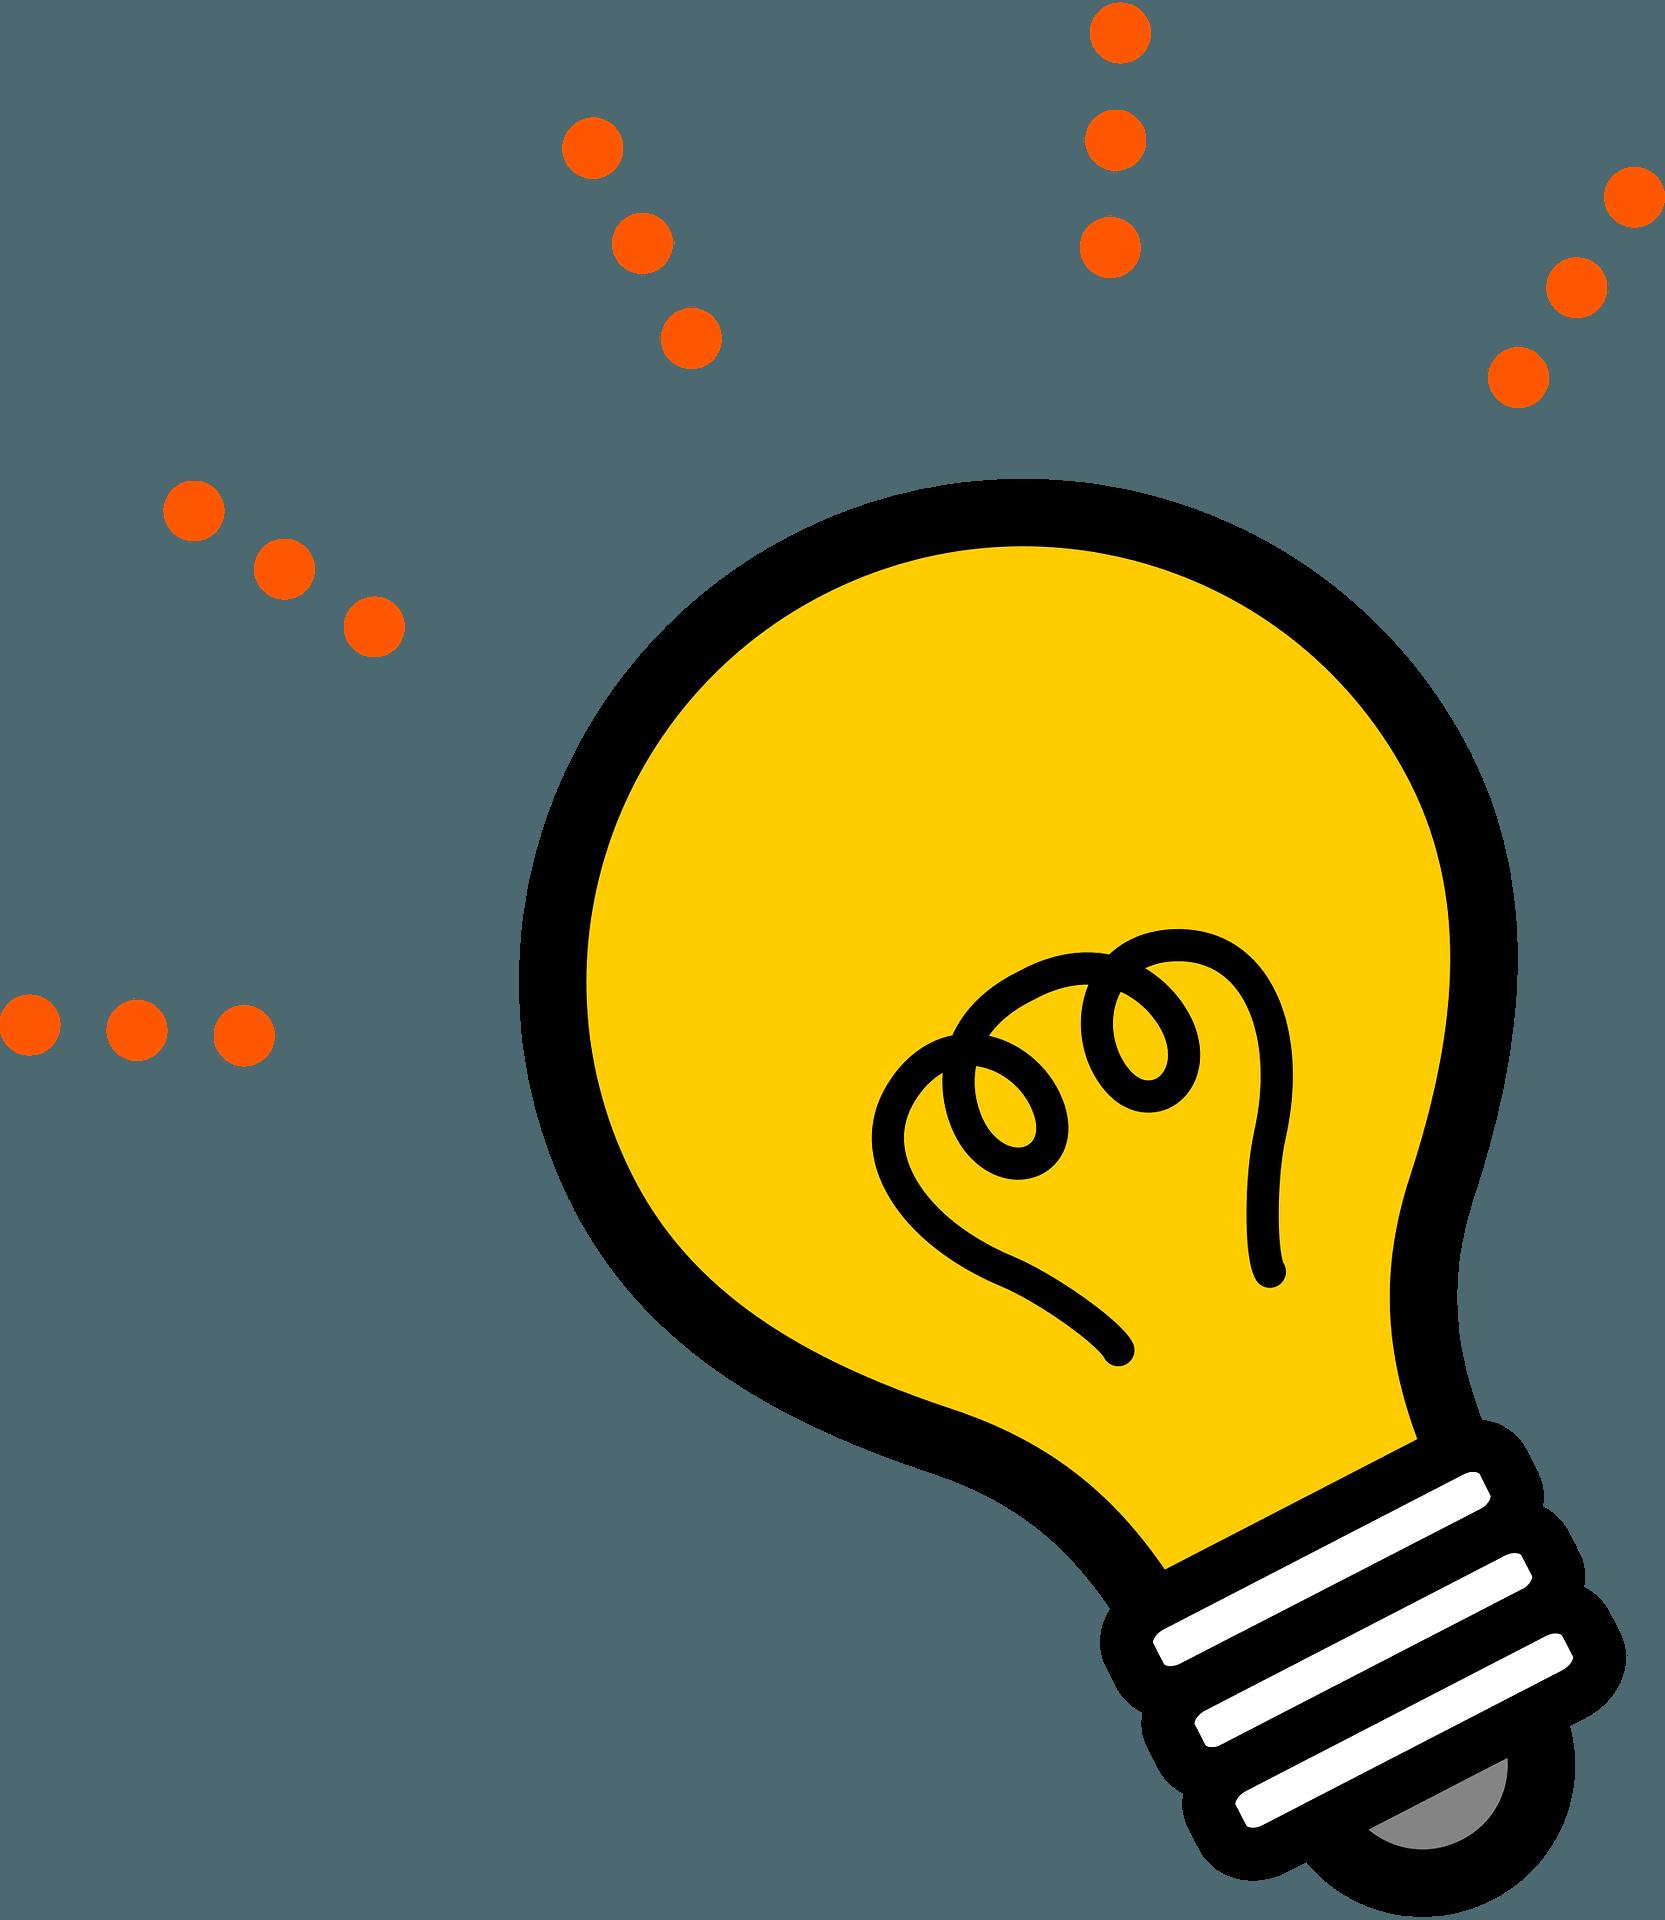 Light Bulb clipart. Free download transparent .PNG   Creazilla